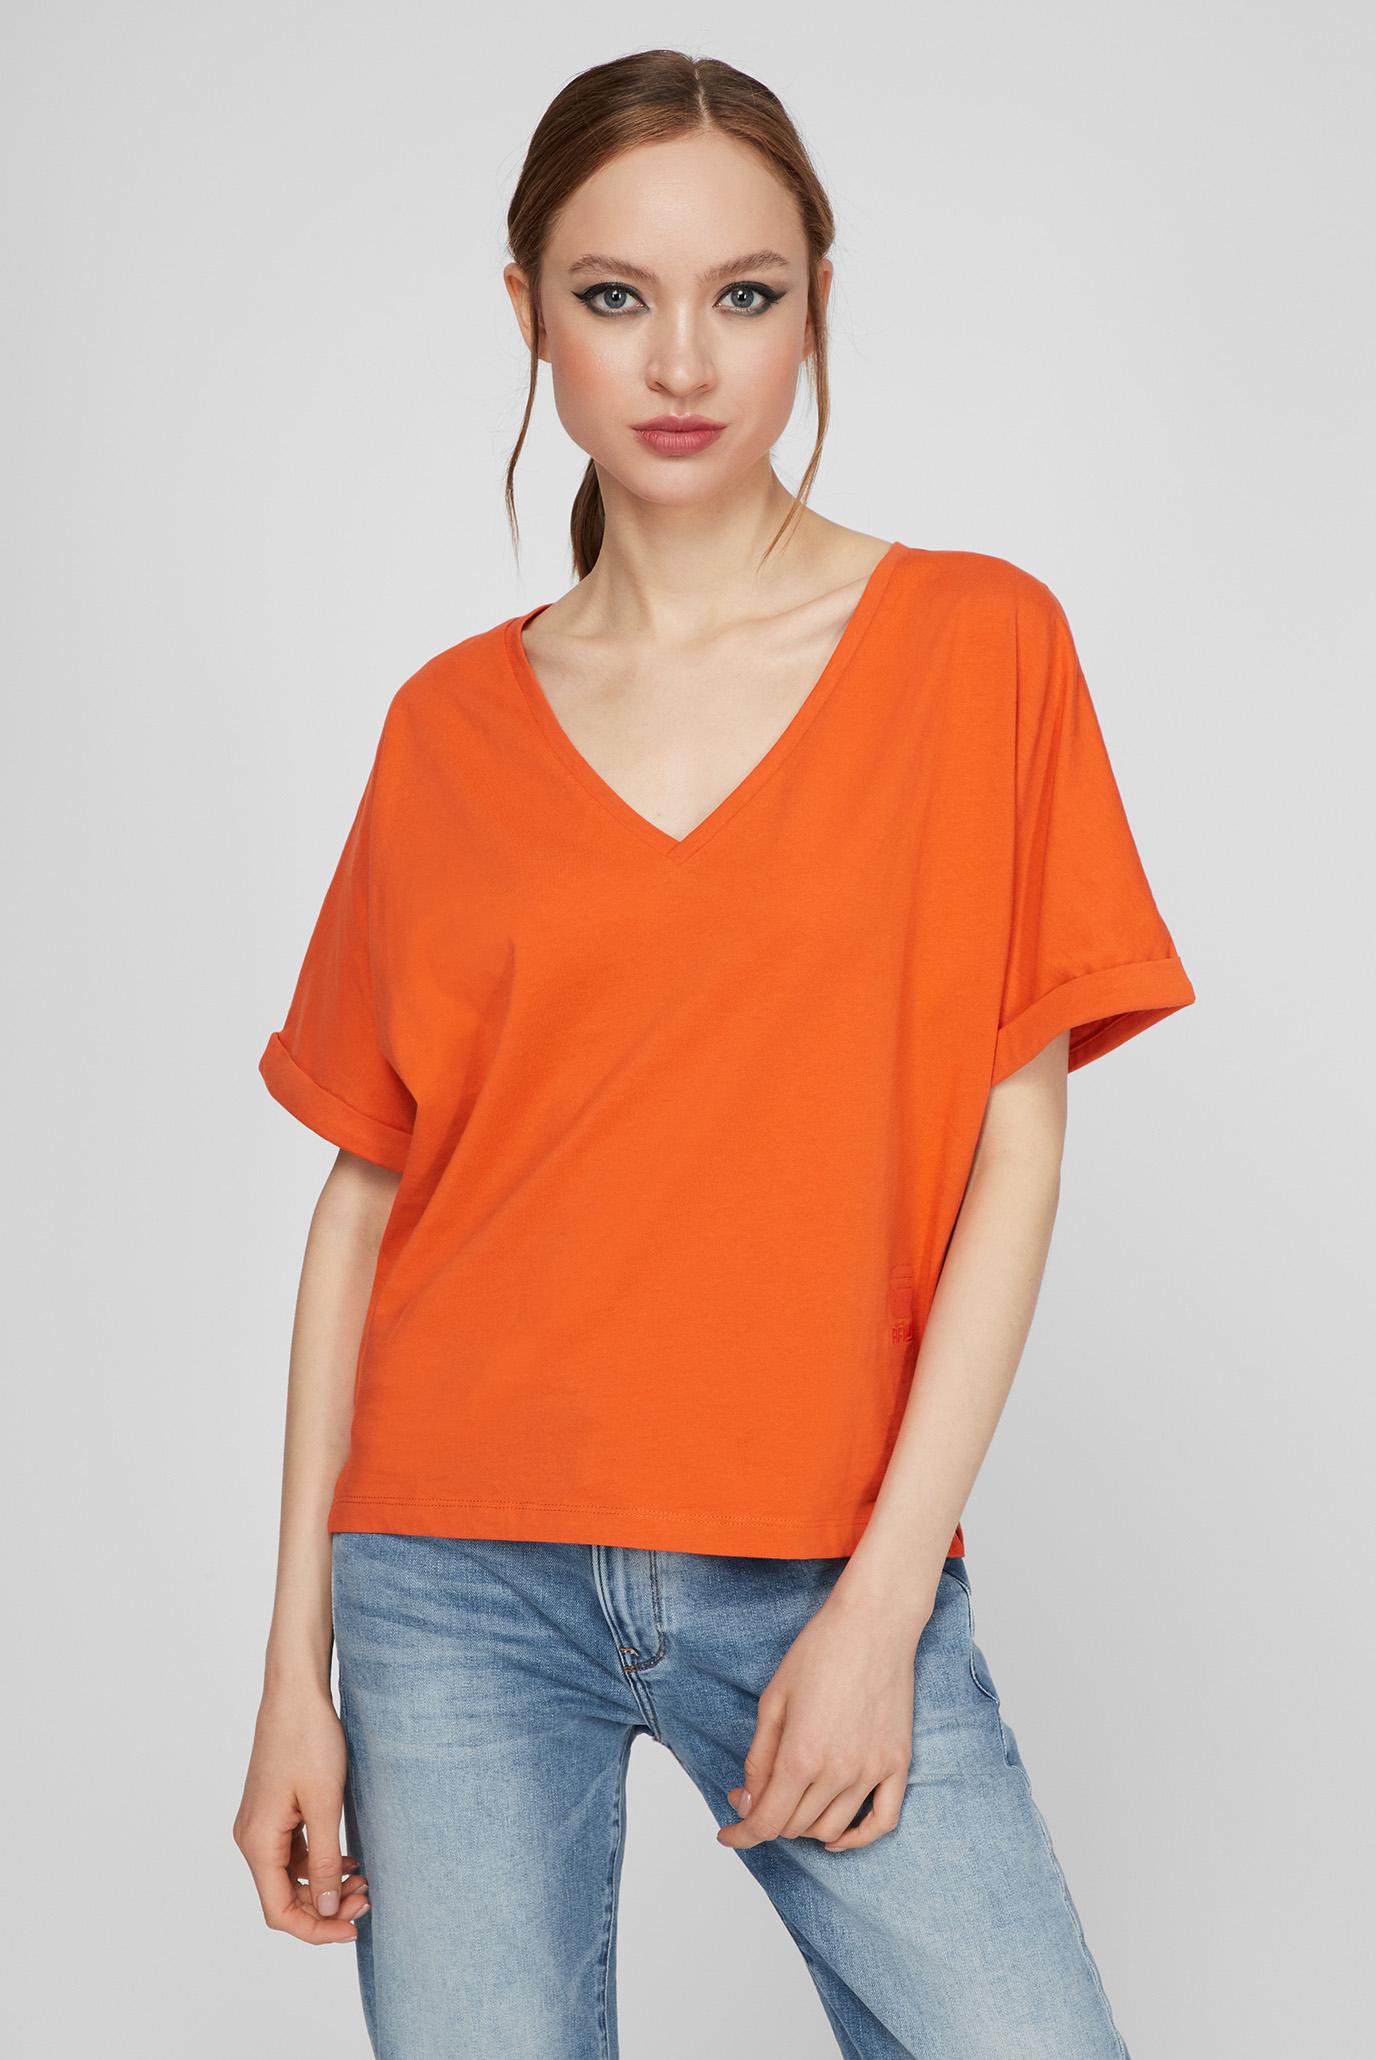 Женская оранжевая футболка Joosa 1